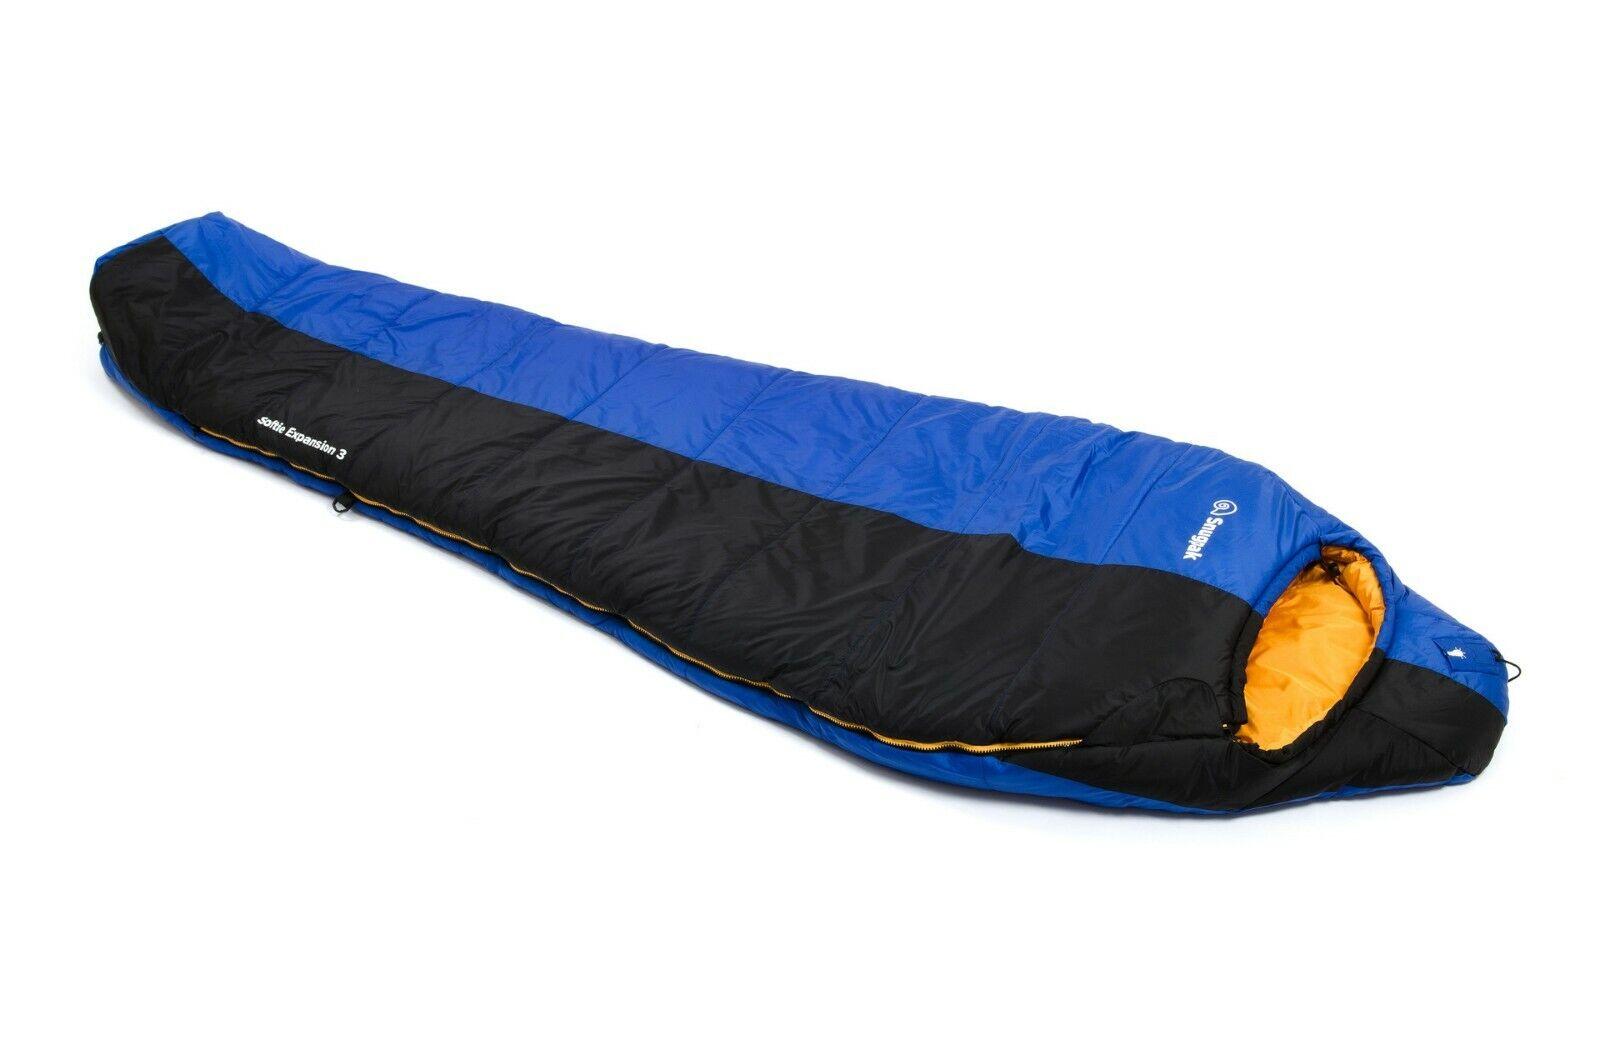 Saco de Dormir de Expedición de 3 Estaciones Softie la Expansión 3 de Snugpak